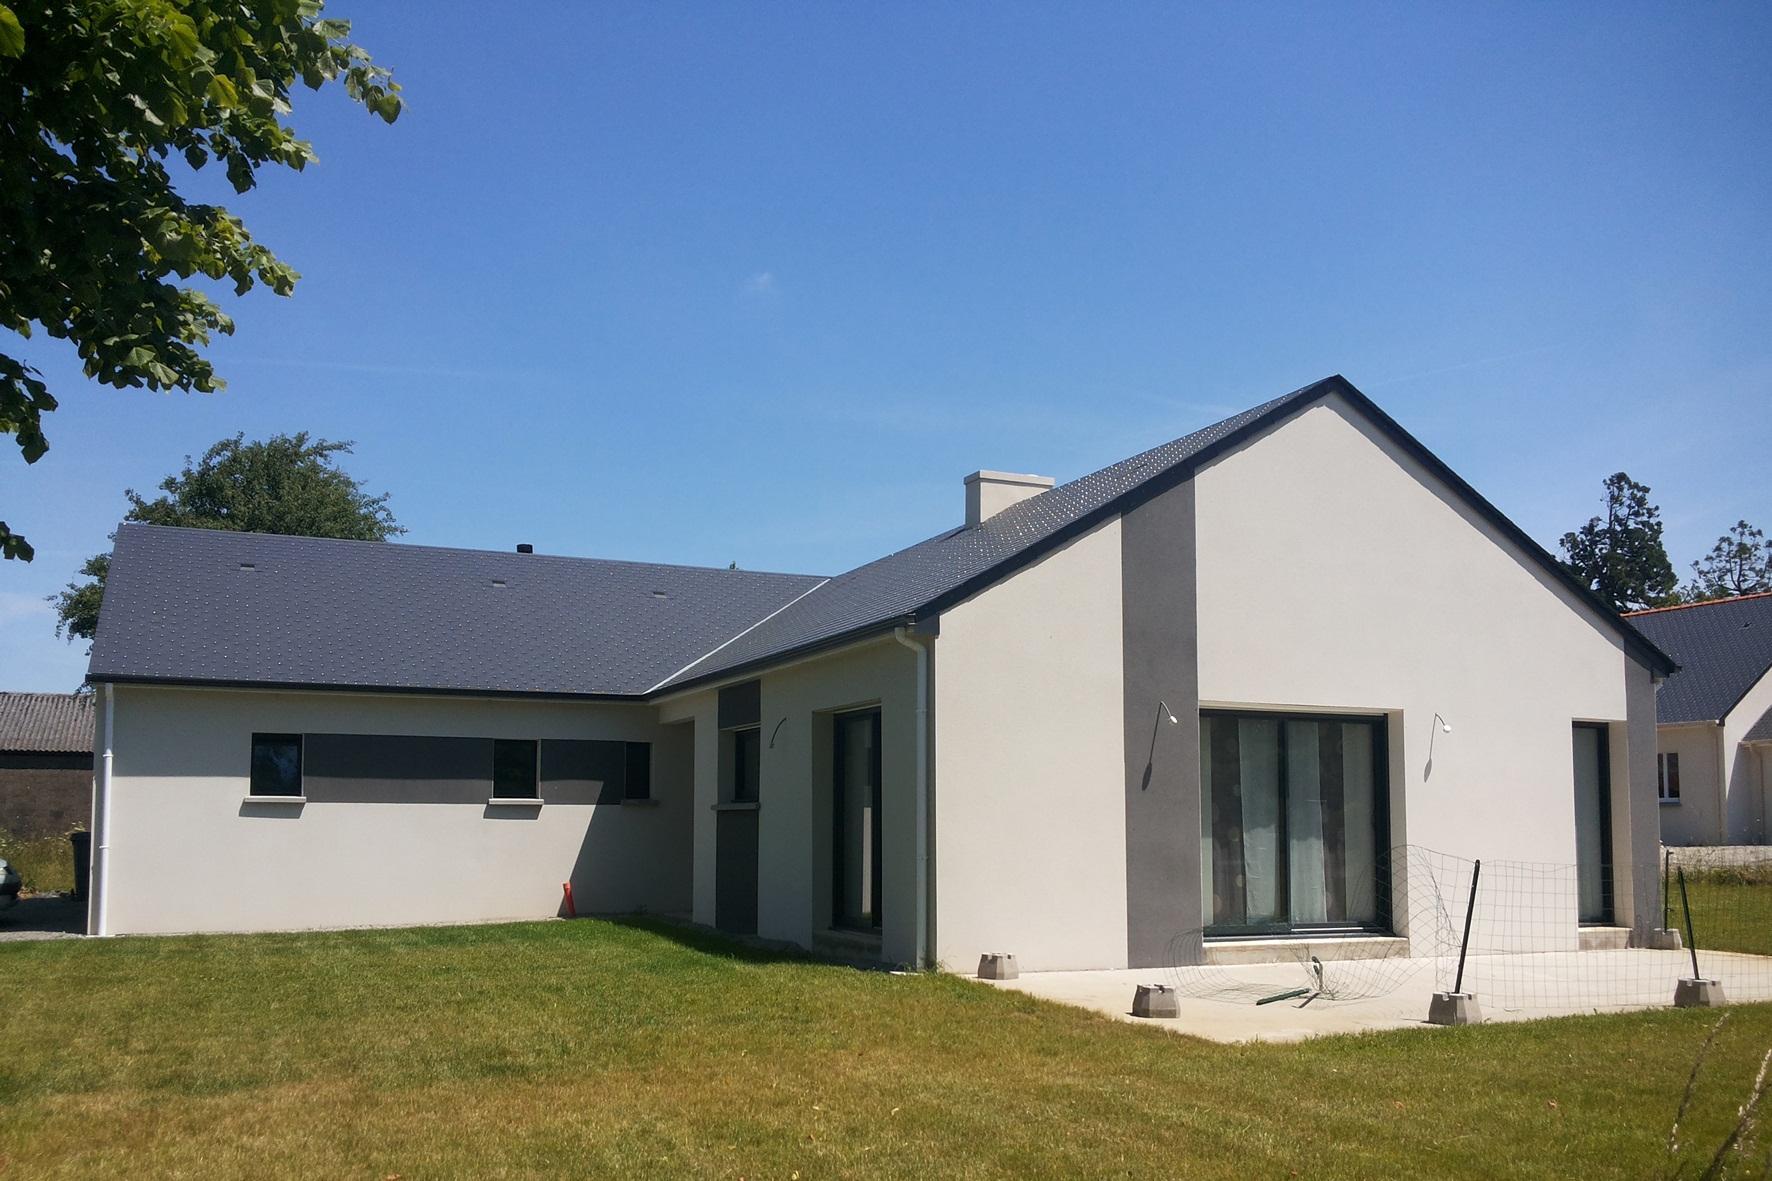 Maisons + Terrains du constructeur MAISON FAMILIALE RENNES • 94 m² • ORGERES